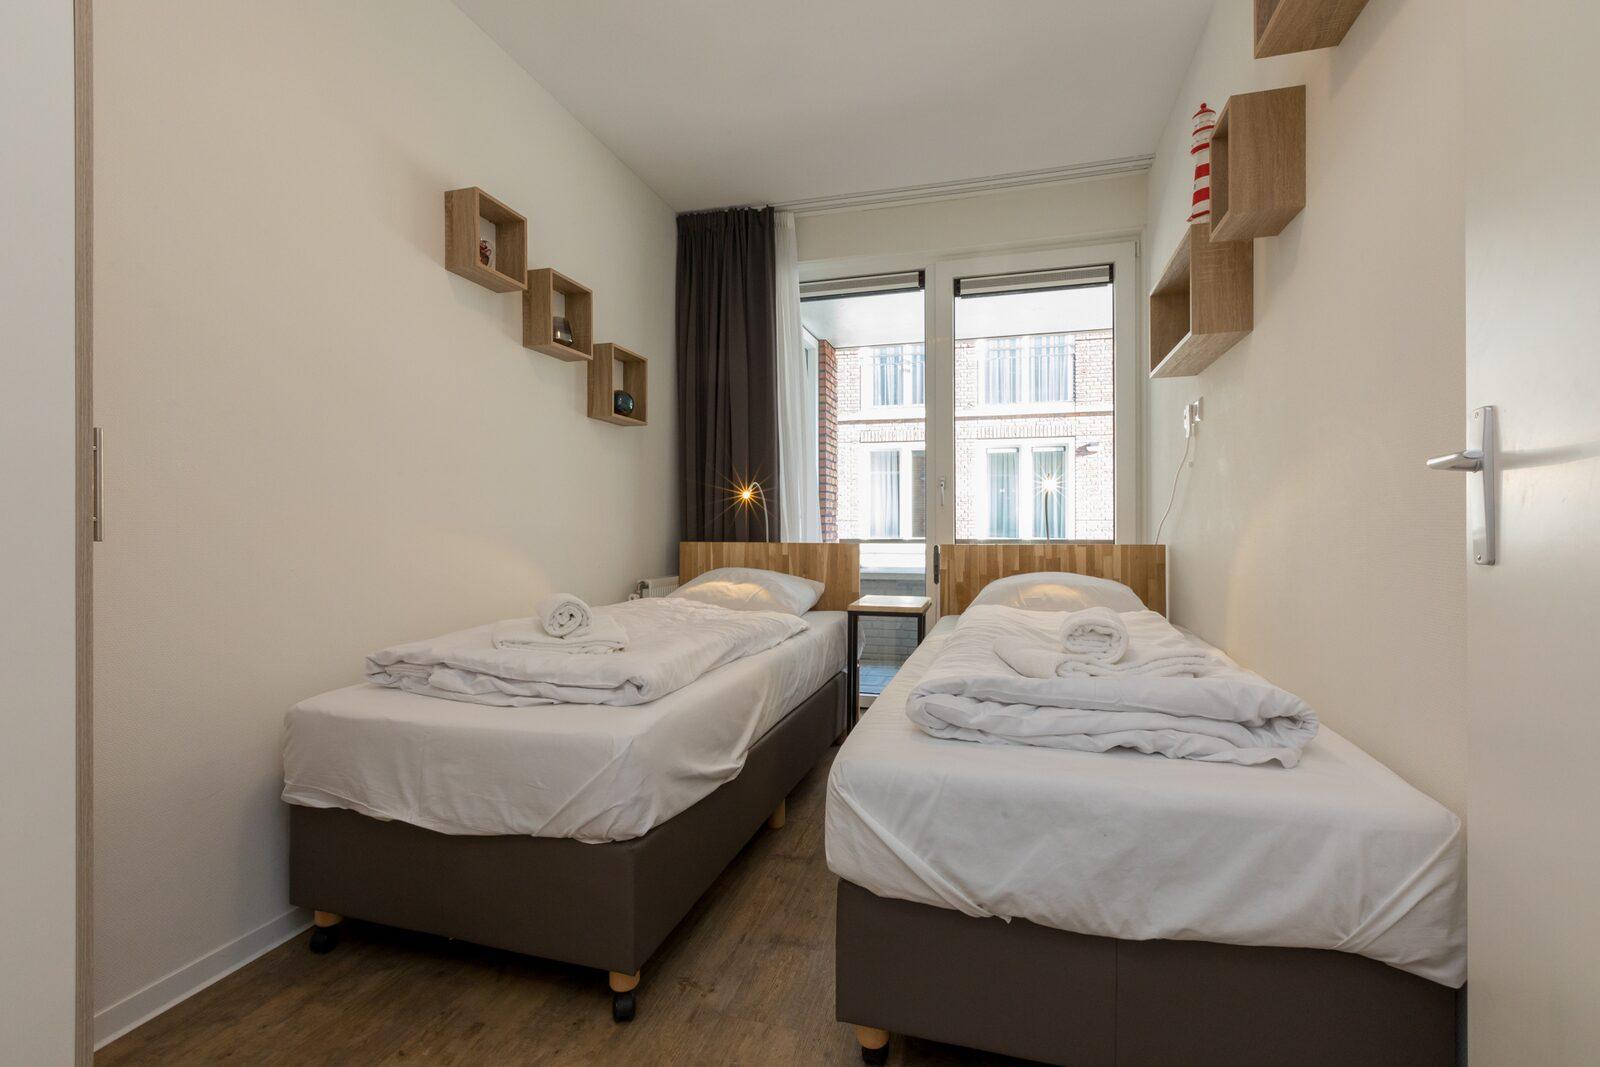 Luxuriöses Appartement für 4 Personen (Haustier erlaubt) | Zoutelande